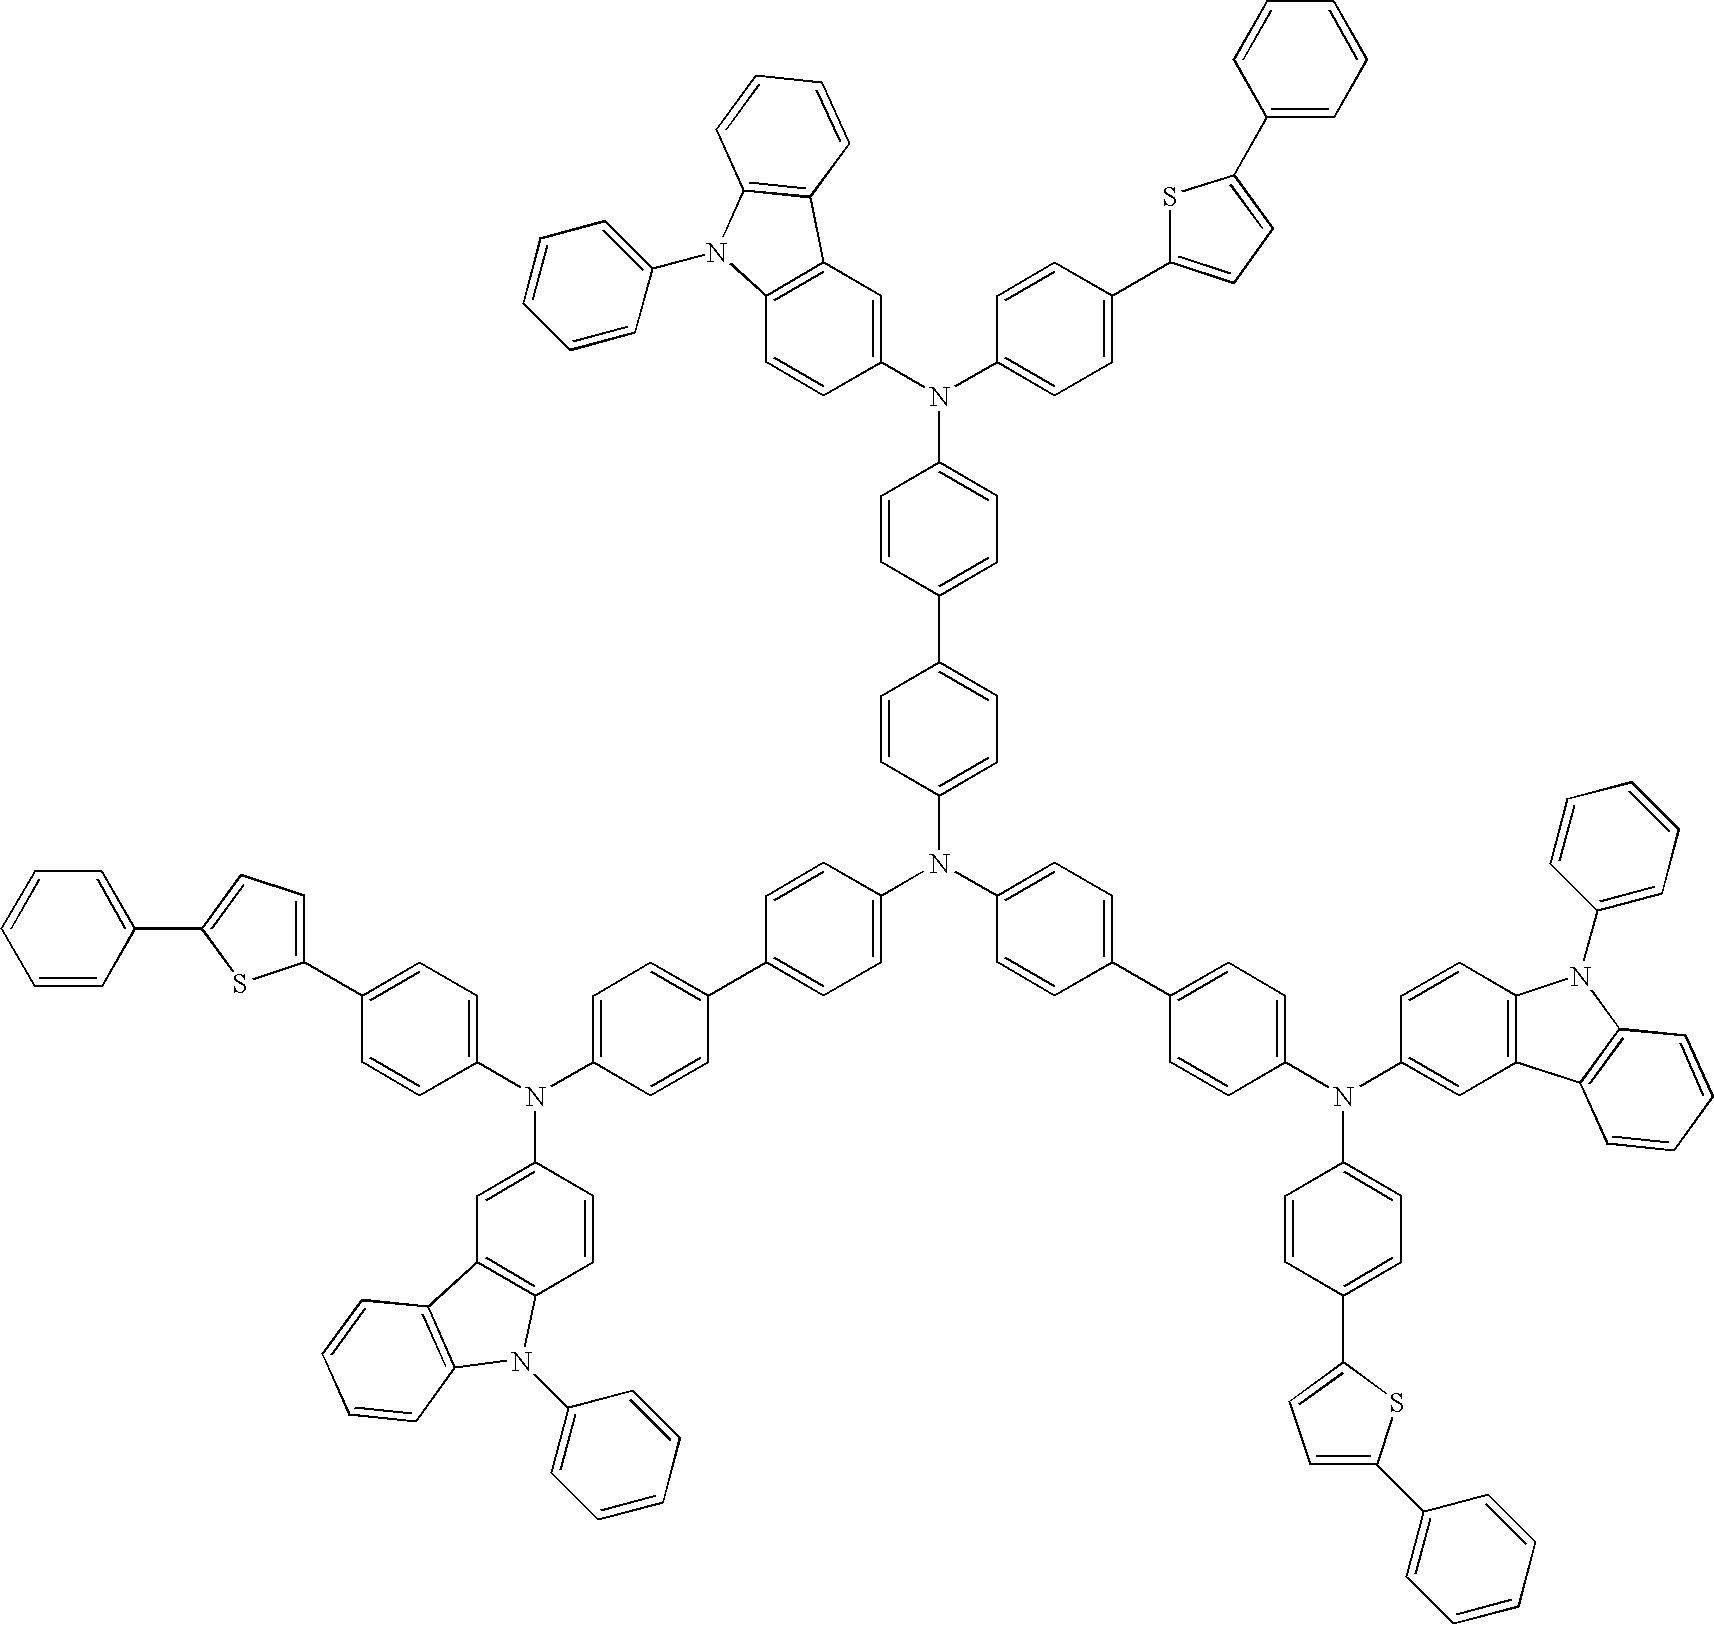 Figure US20090066235A1-20090312-C00058